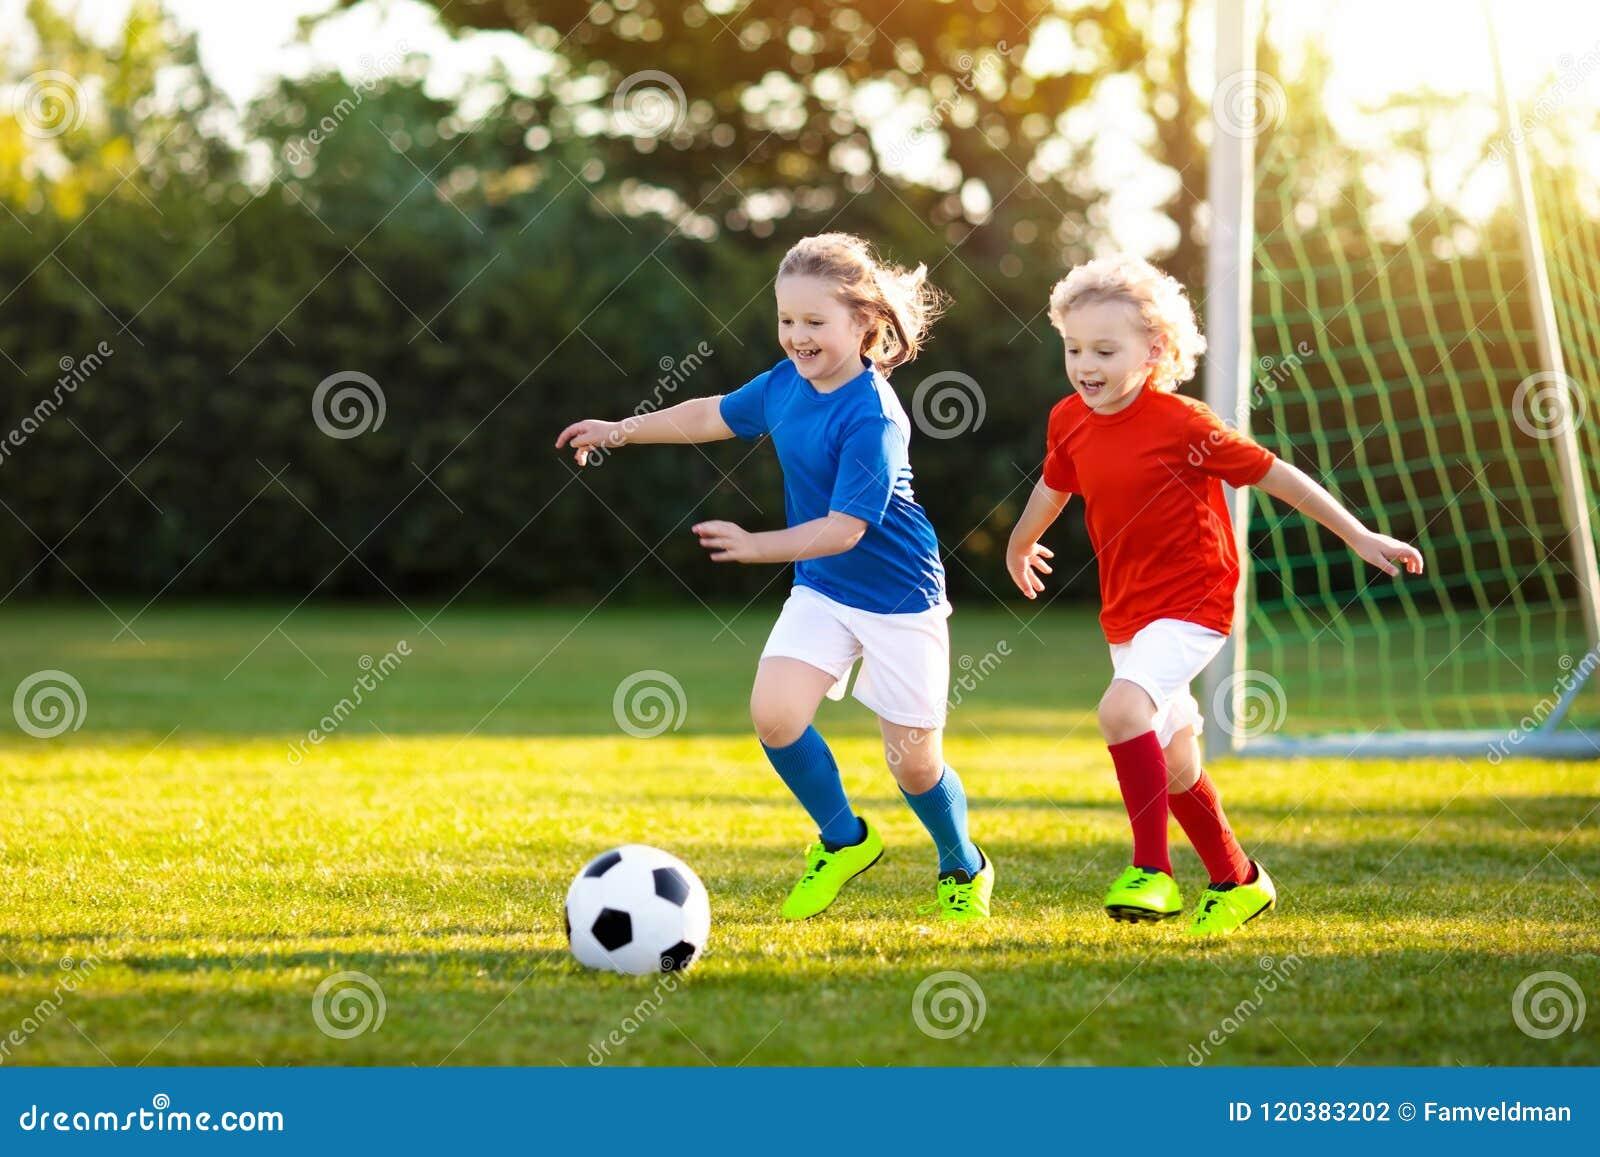 De Voetbal van het jonge geitjesspel Kind bij voetbalgebied